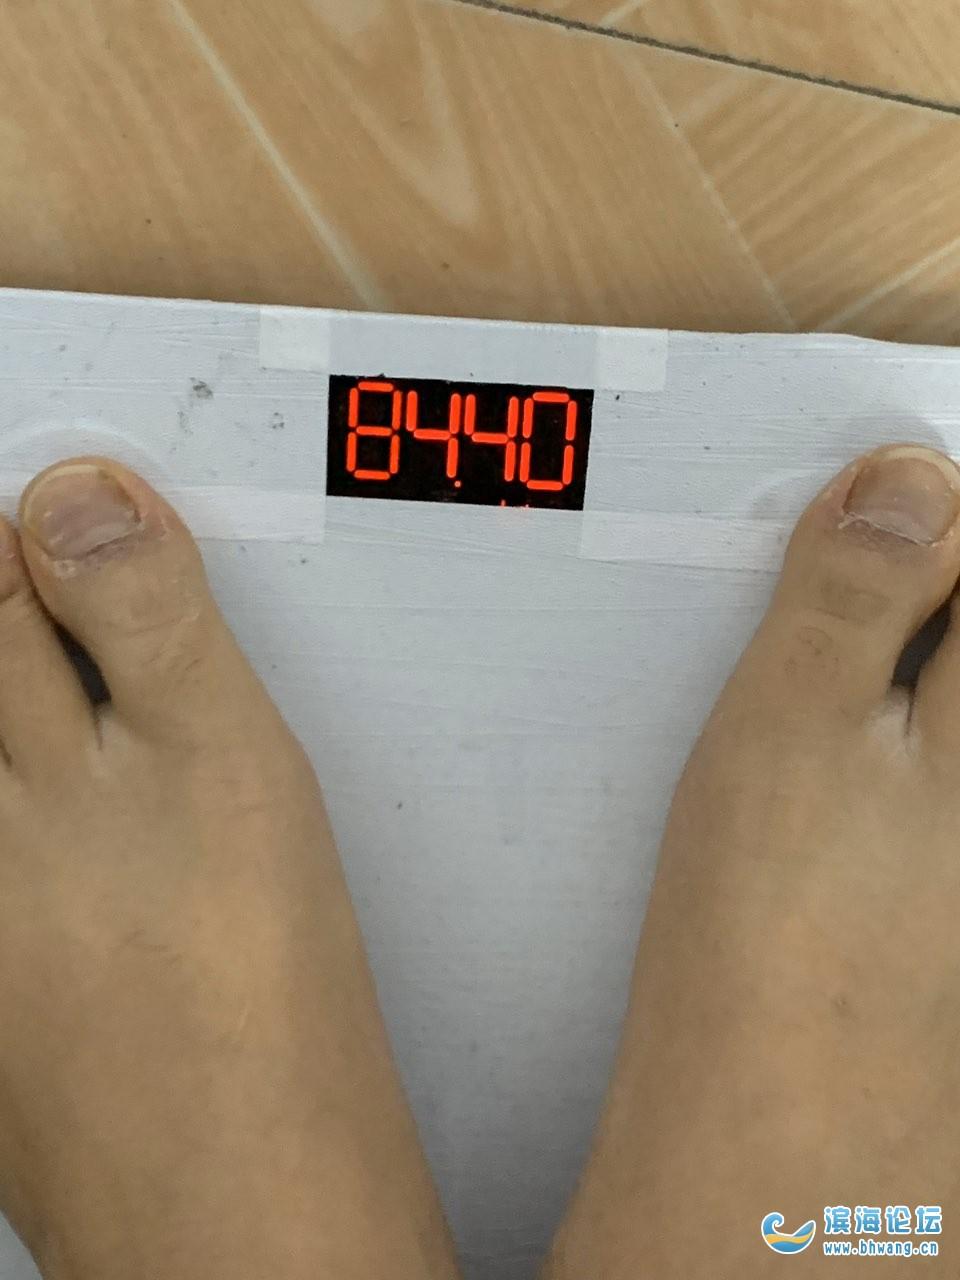 21天瘦了9.7斤繼續加油